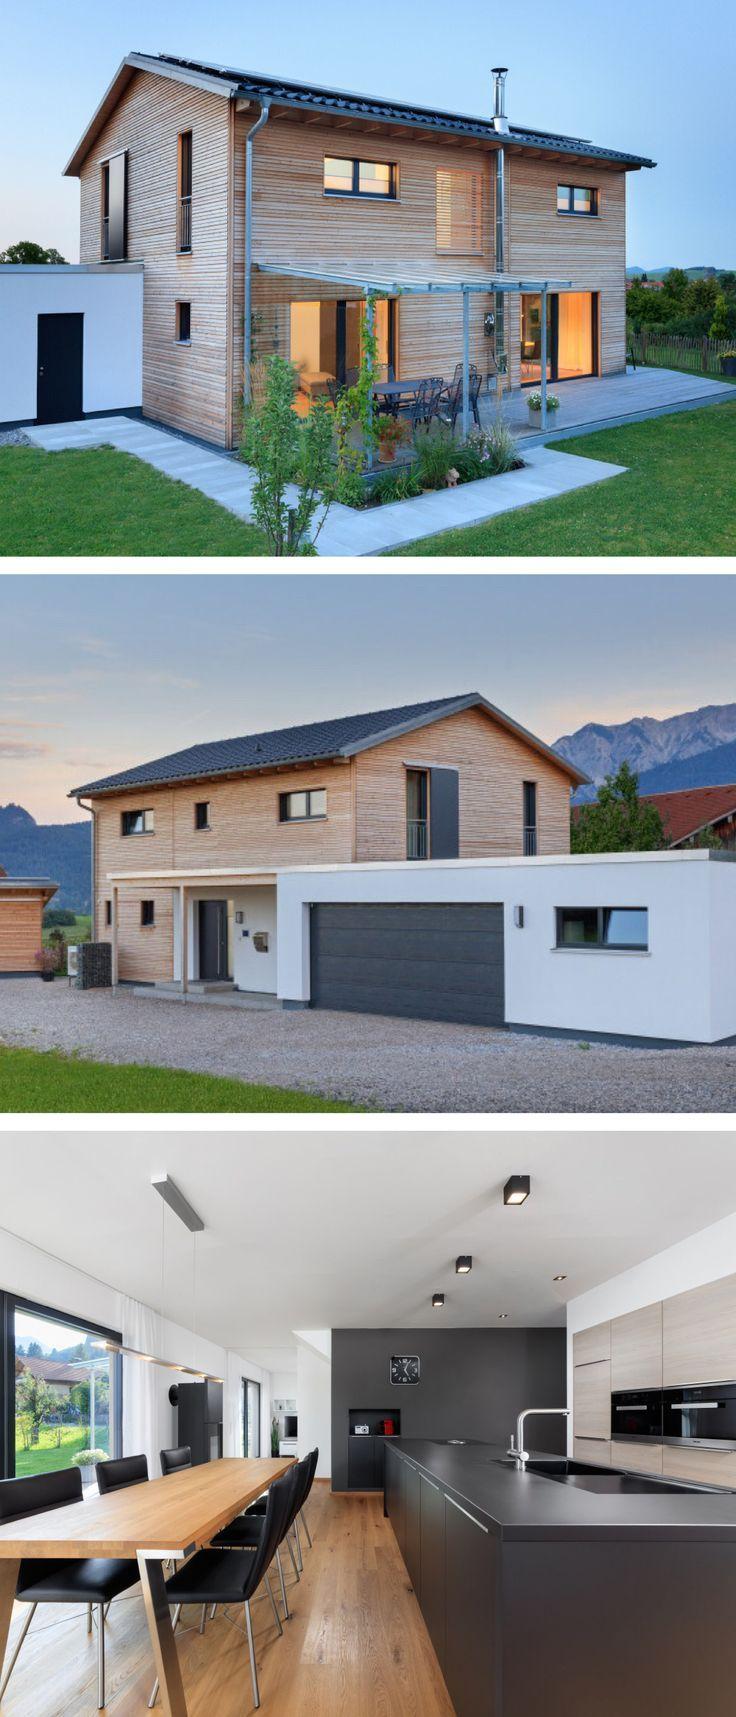 Moradia moderna com garagem, arquitetura de telhado inclinado e fachada de madeira – Fer   – Dach